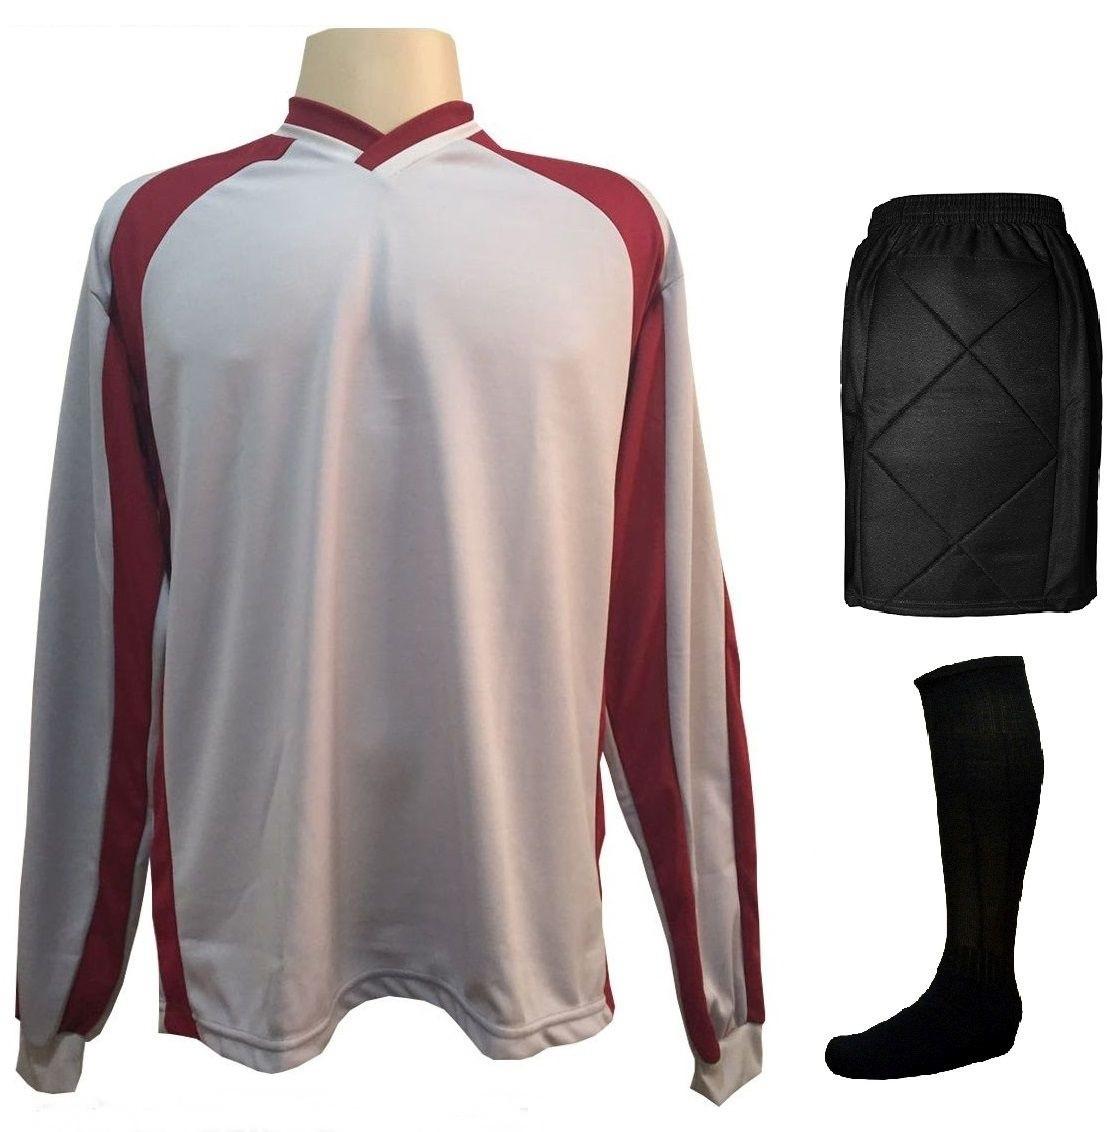 Uniforme Esportivo Completo modelo PSG 14+1 (14 camisas Amarelo/Preto/Verde + 14 calções Madrid Preto + 14 pares de meiões Verde + 1 conjunto de goleiro) + Brindes